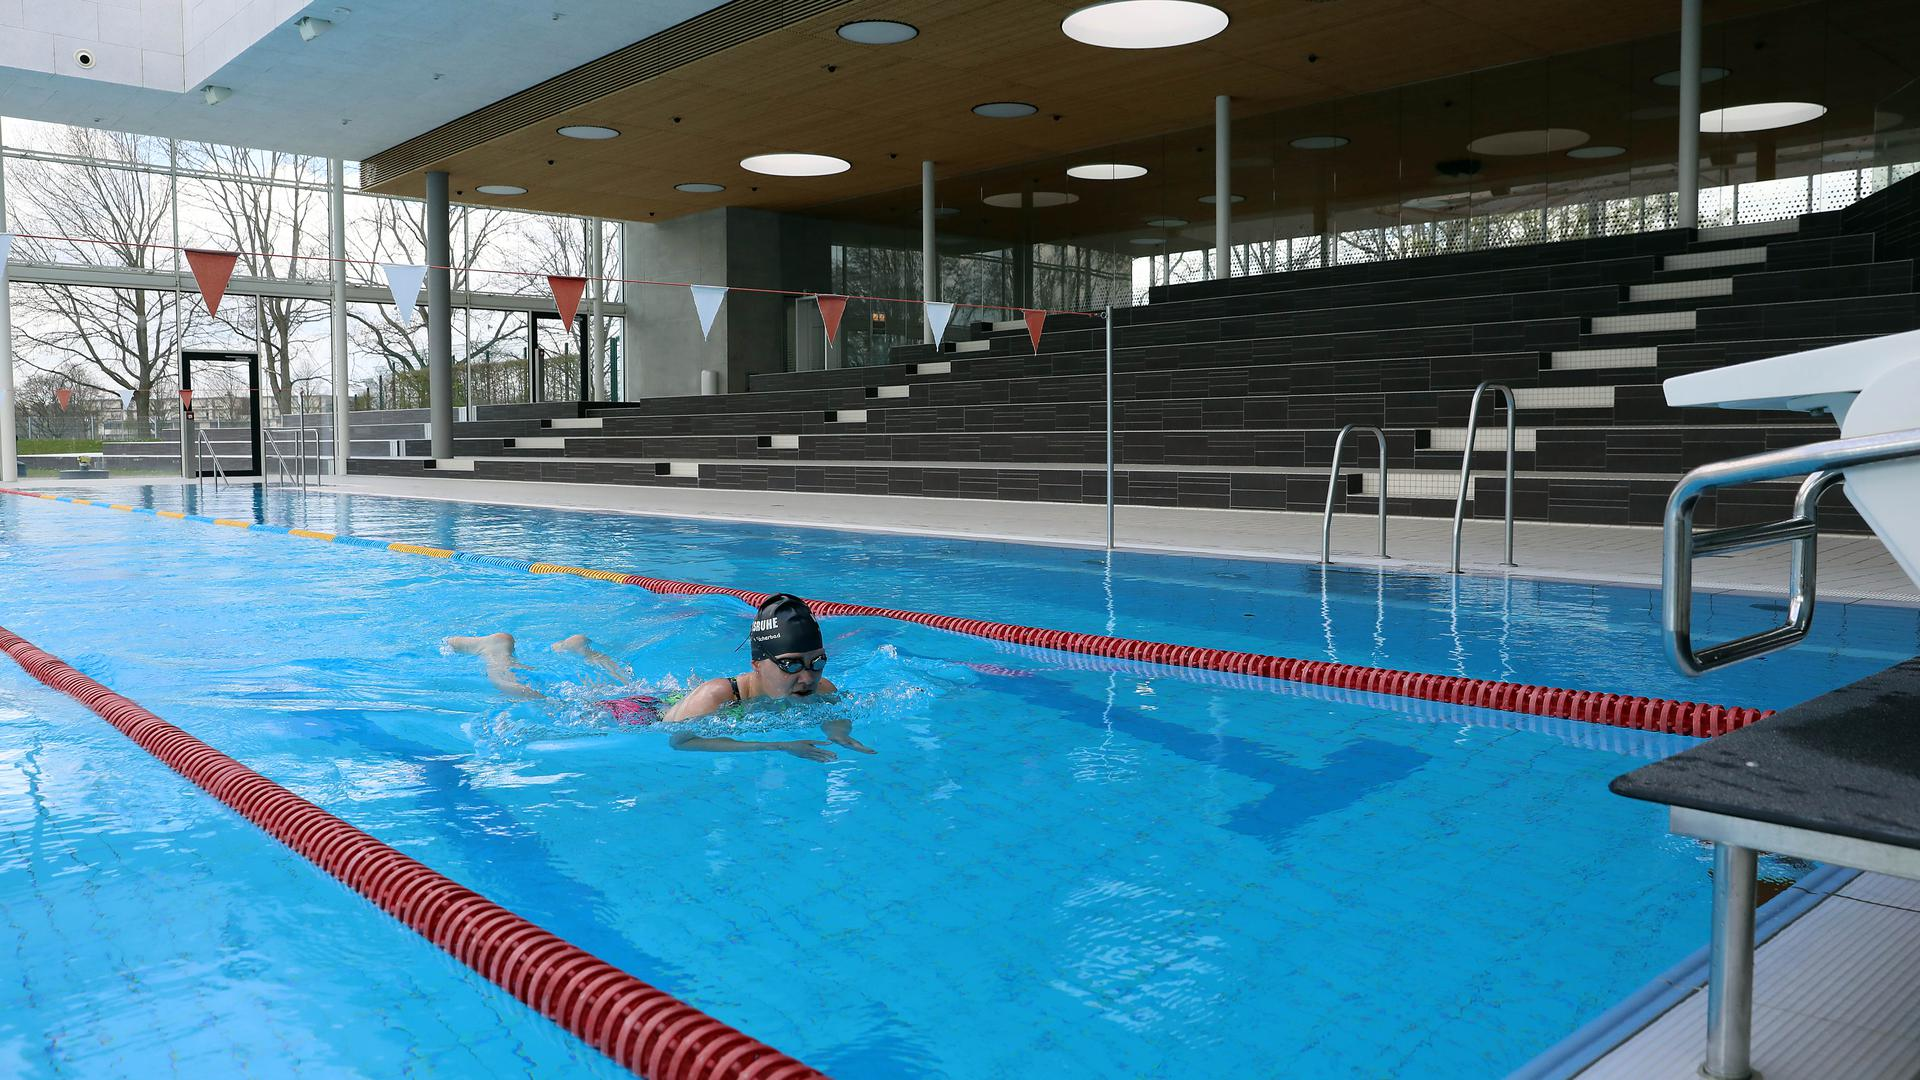 Einsame Schwimmerin: Im Fächerbad dürfen derzeit nur wenige ins Wasser steigen. Möglich ist dies unter anderem Profisportlern und Badmitarbeitern, die ihre Rettungsfähigkeit nachweisen müssen.